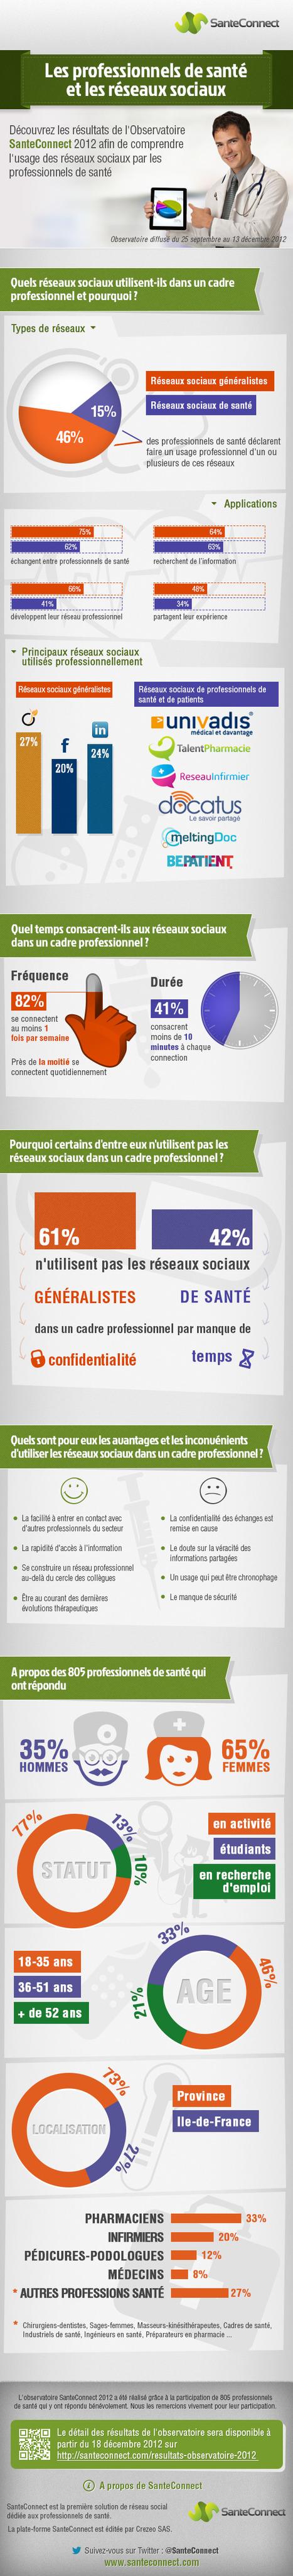 Infographie : usage des réseaux sociaux par les professionnels desanté   Réseaux sociaux et applications mobiles   Scoop.it